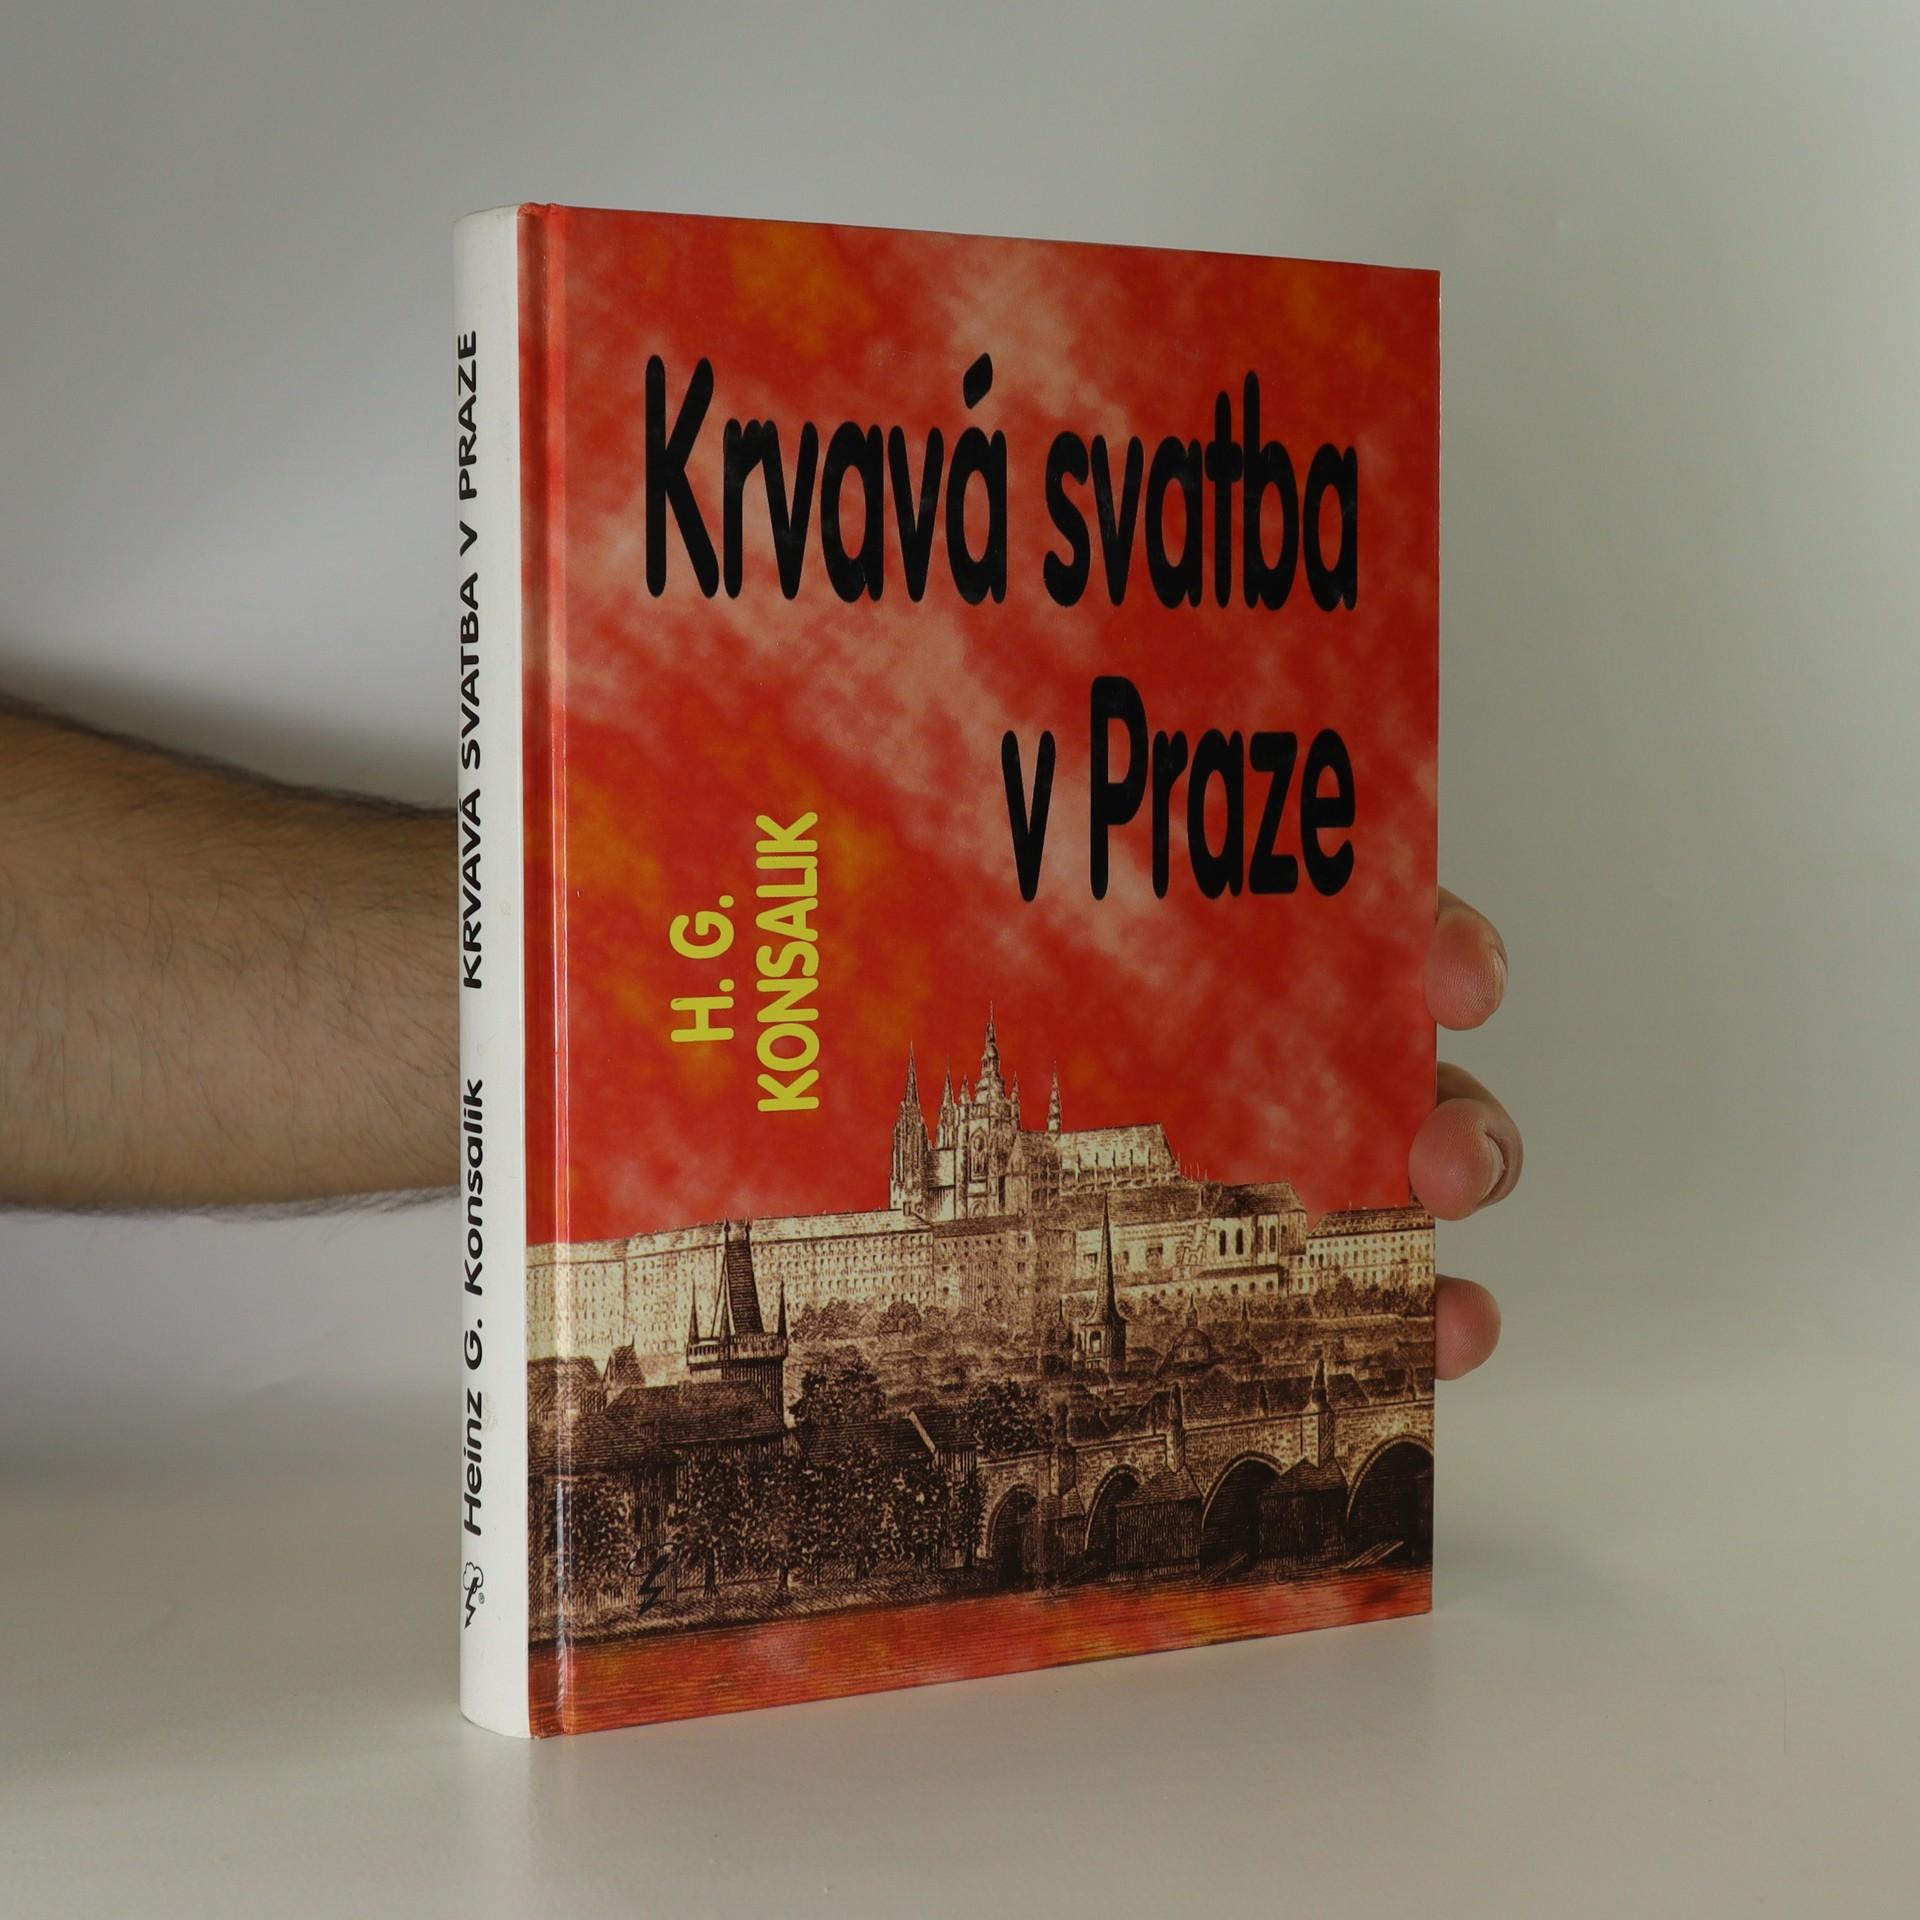 antikvární kniha Krvavá svatba v Praze, 1998